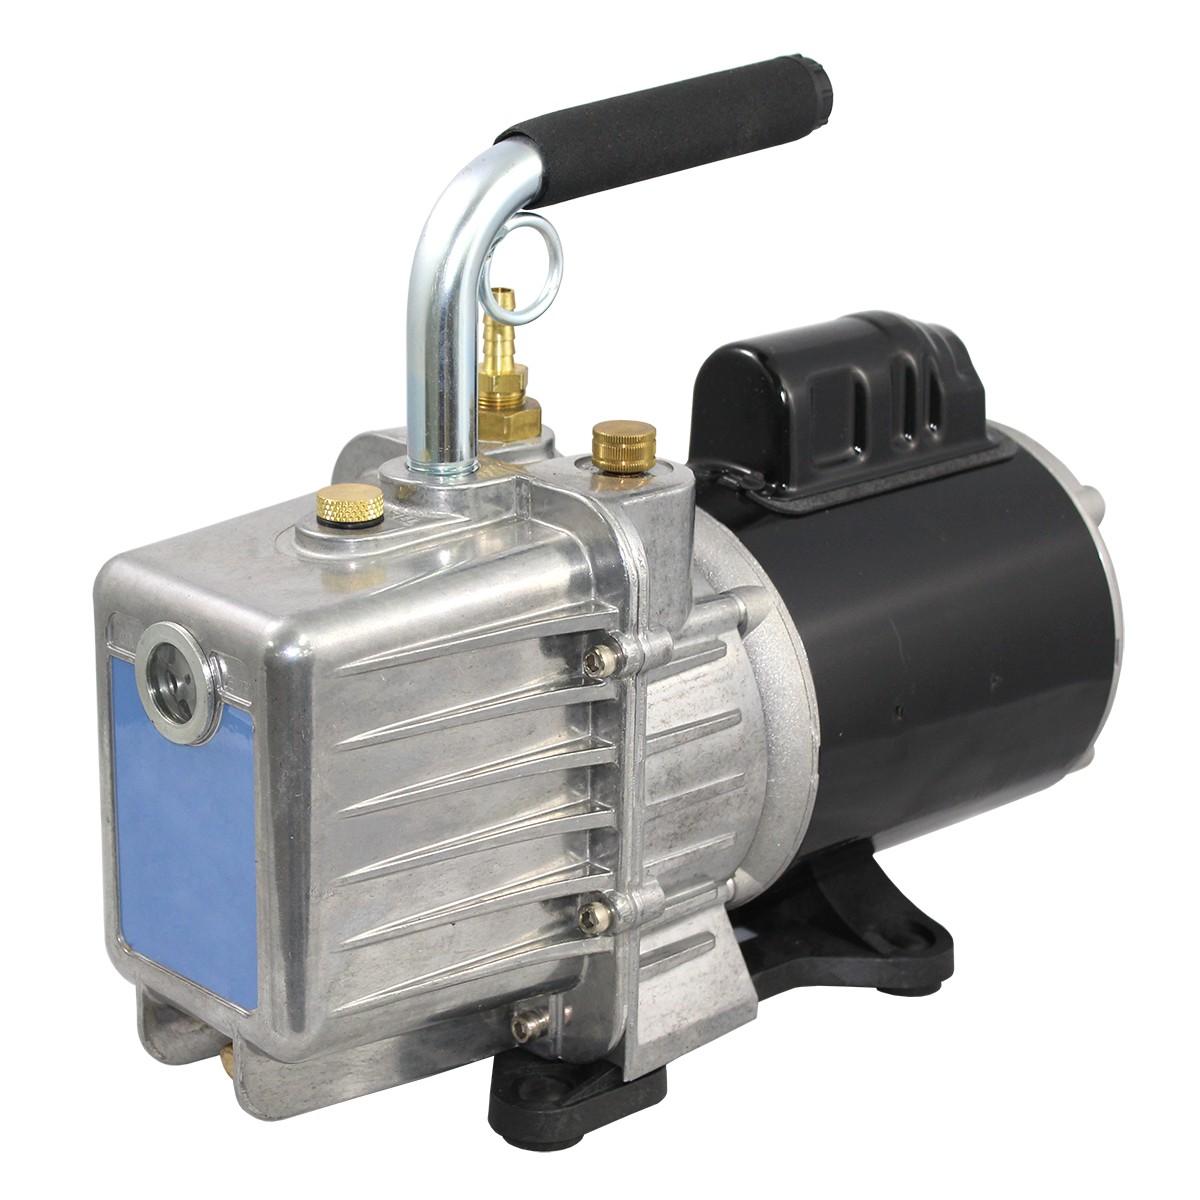 Vacuum Pumps - A - CFM 10